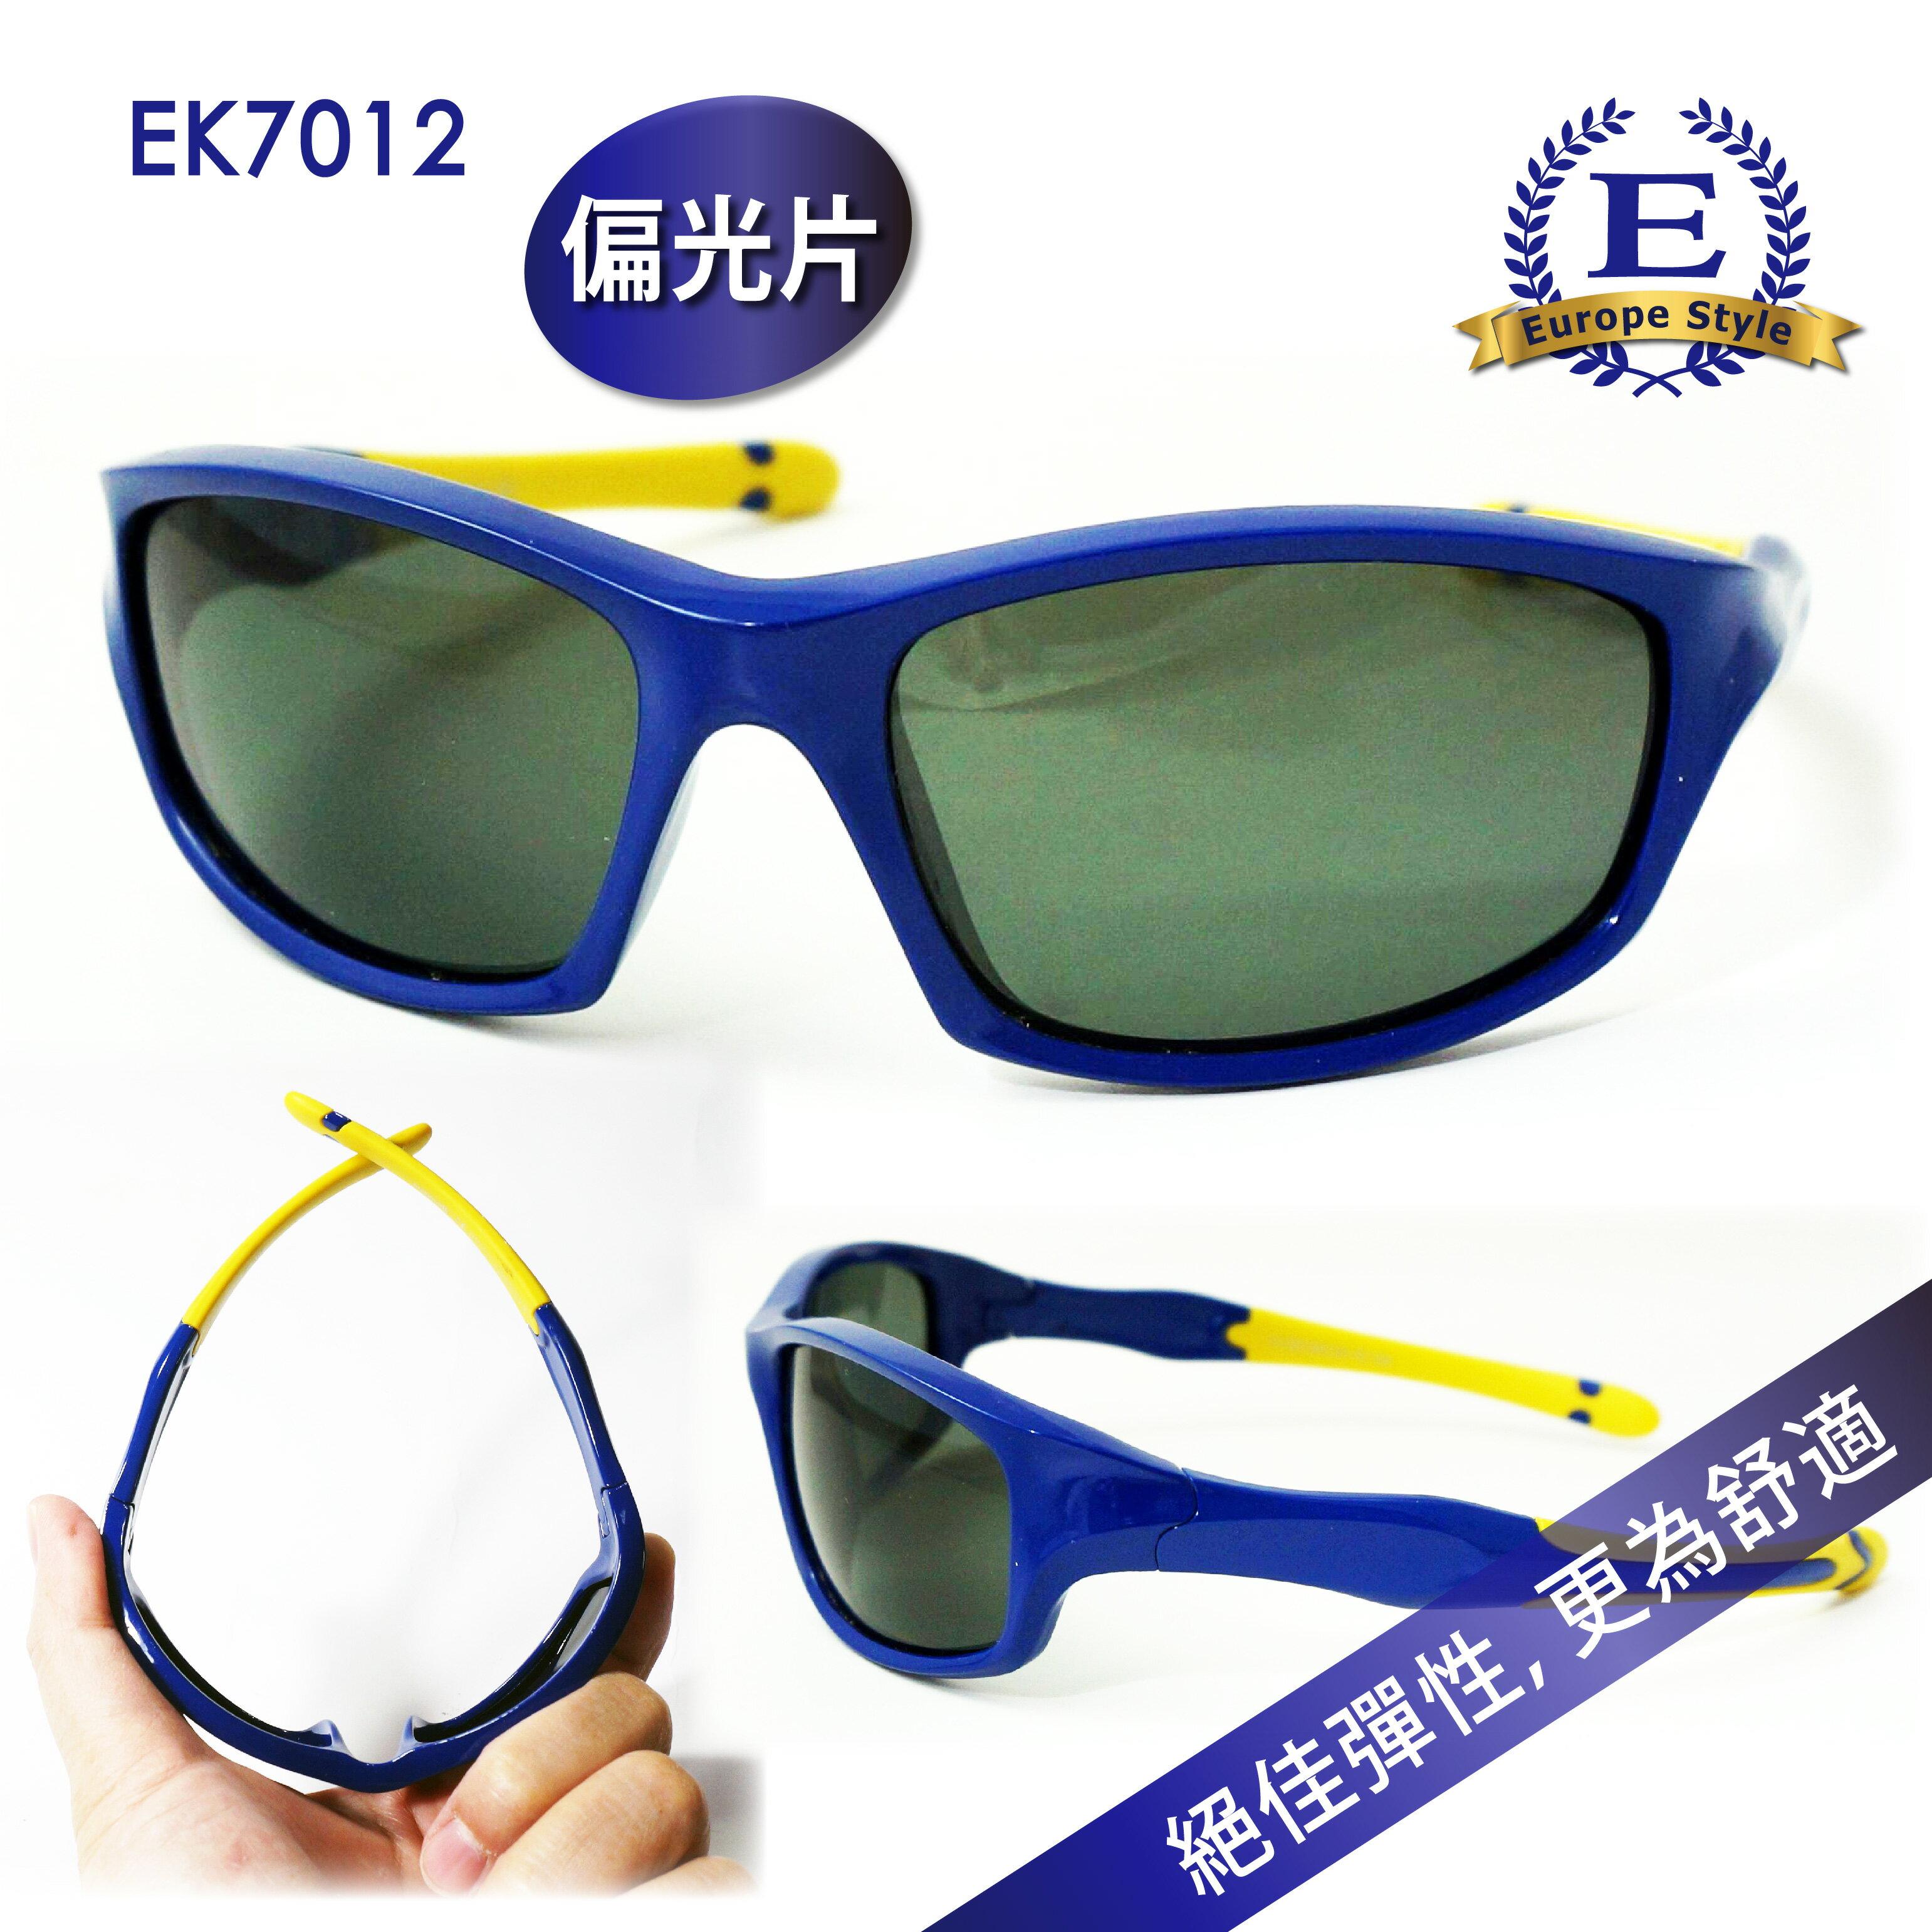 【歐風天地】兒童偏光太陽眼鏡 EK7012 偏光太陽眼鏡 防風眼鏡 單車眼鏡 運動太陽眼鏡 運動眼鏡 自行車眼鏡  野外戶外用品